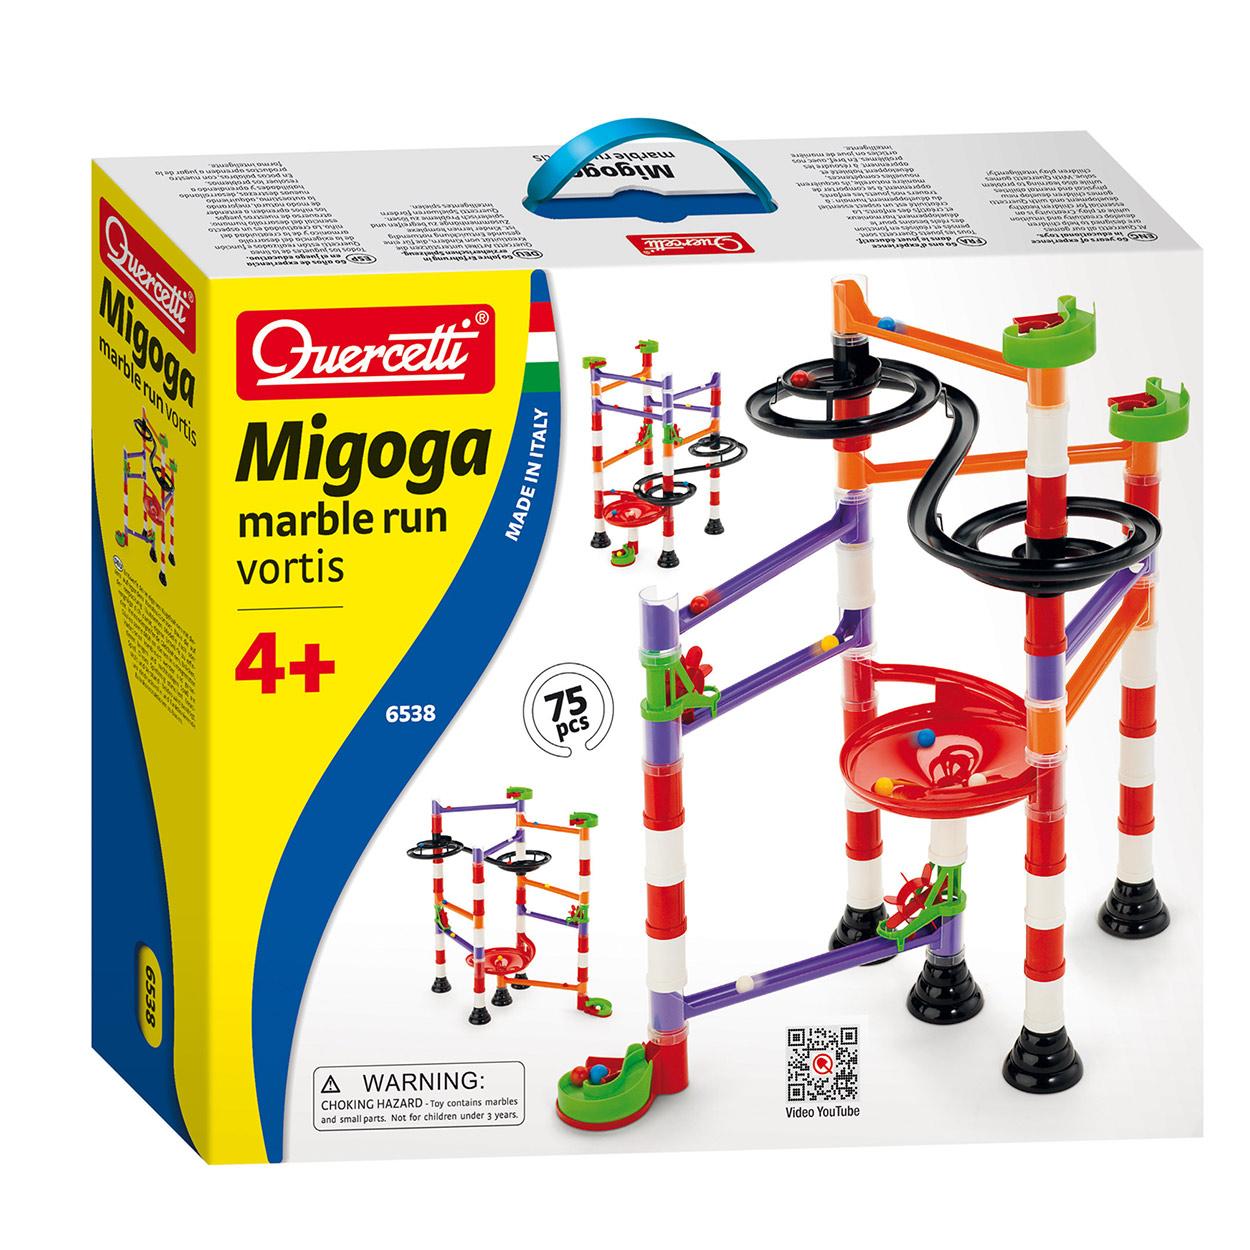 migoga marble run maxi instructions